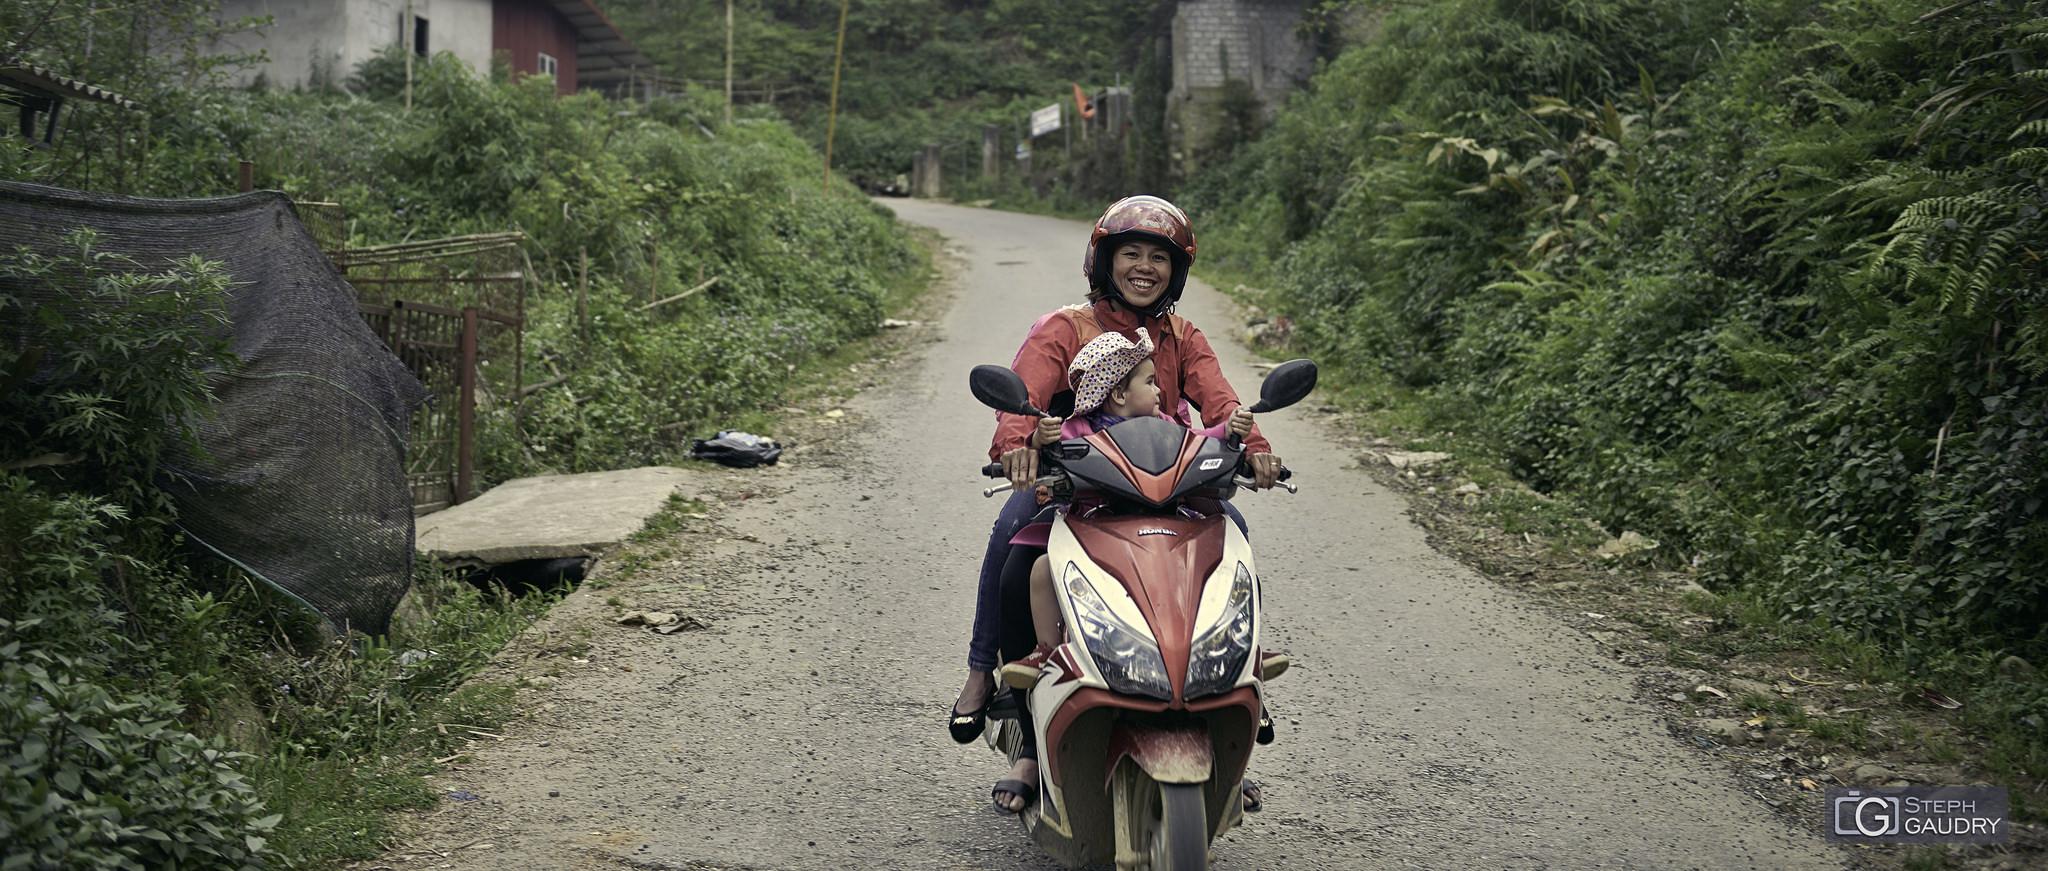 Vietnam - les joies du scooter [Klik om de diavoorstelling te starten]